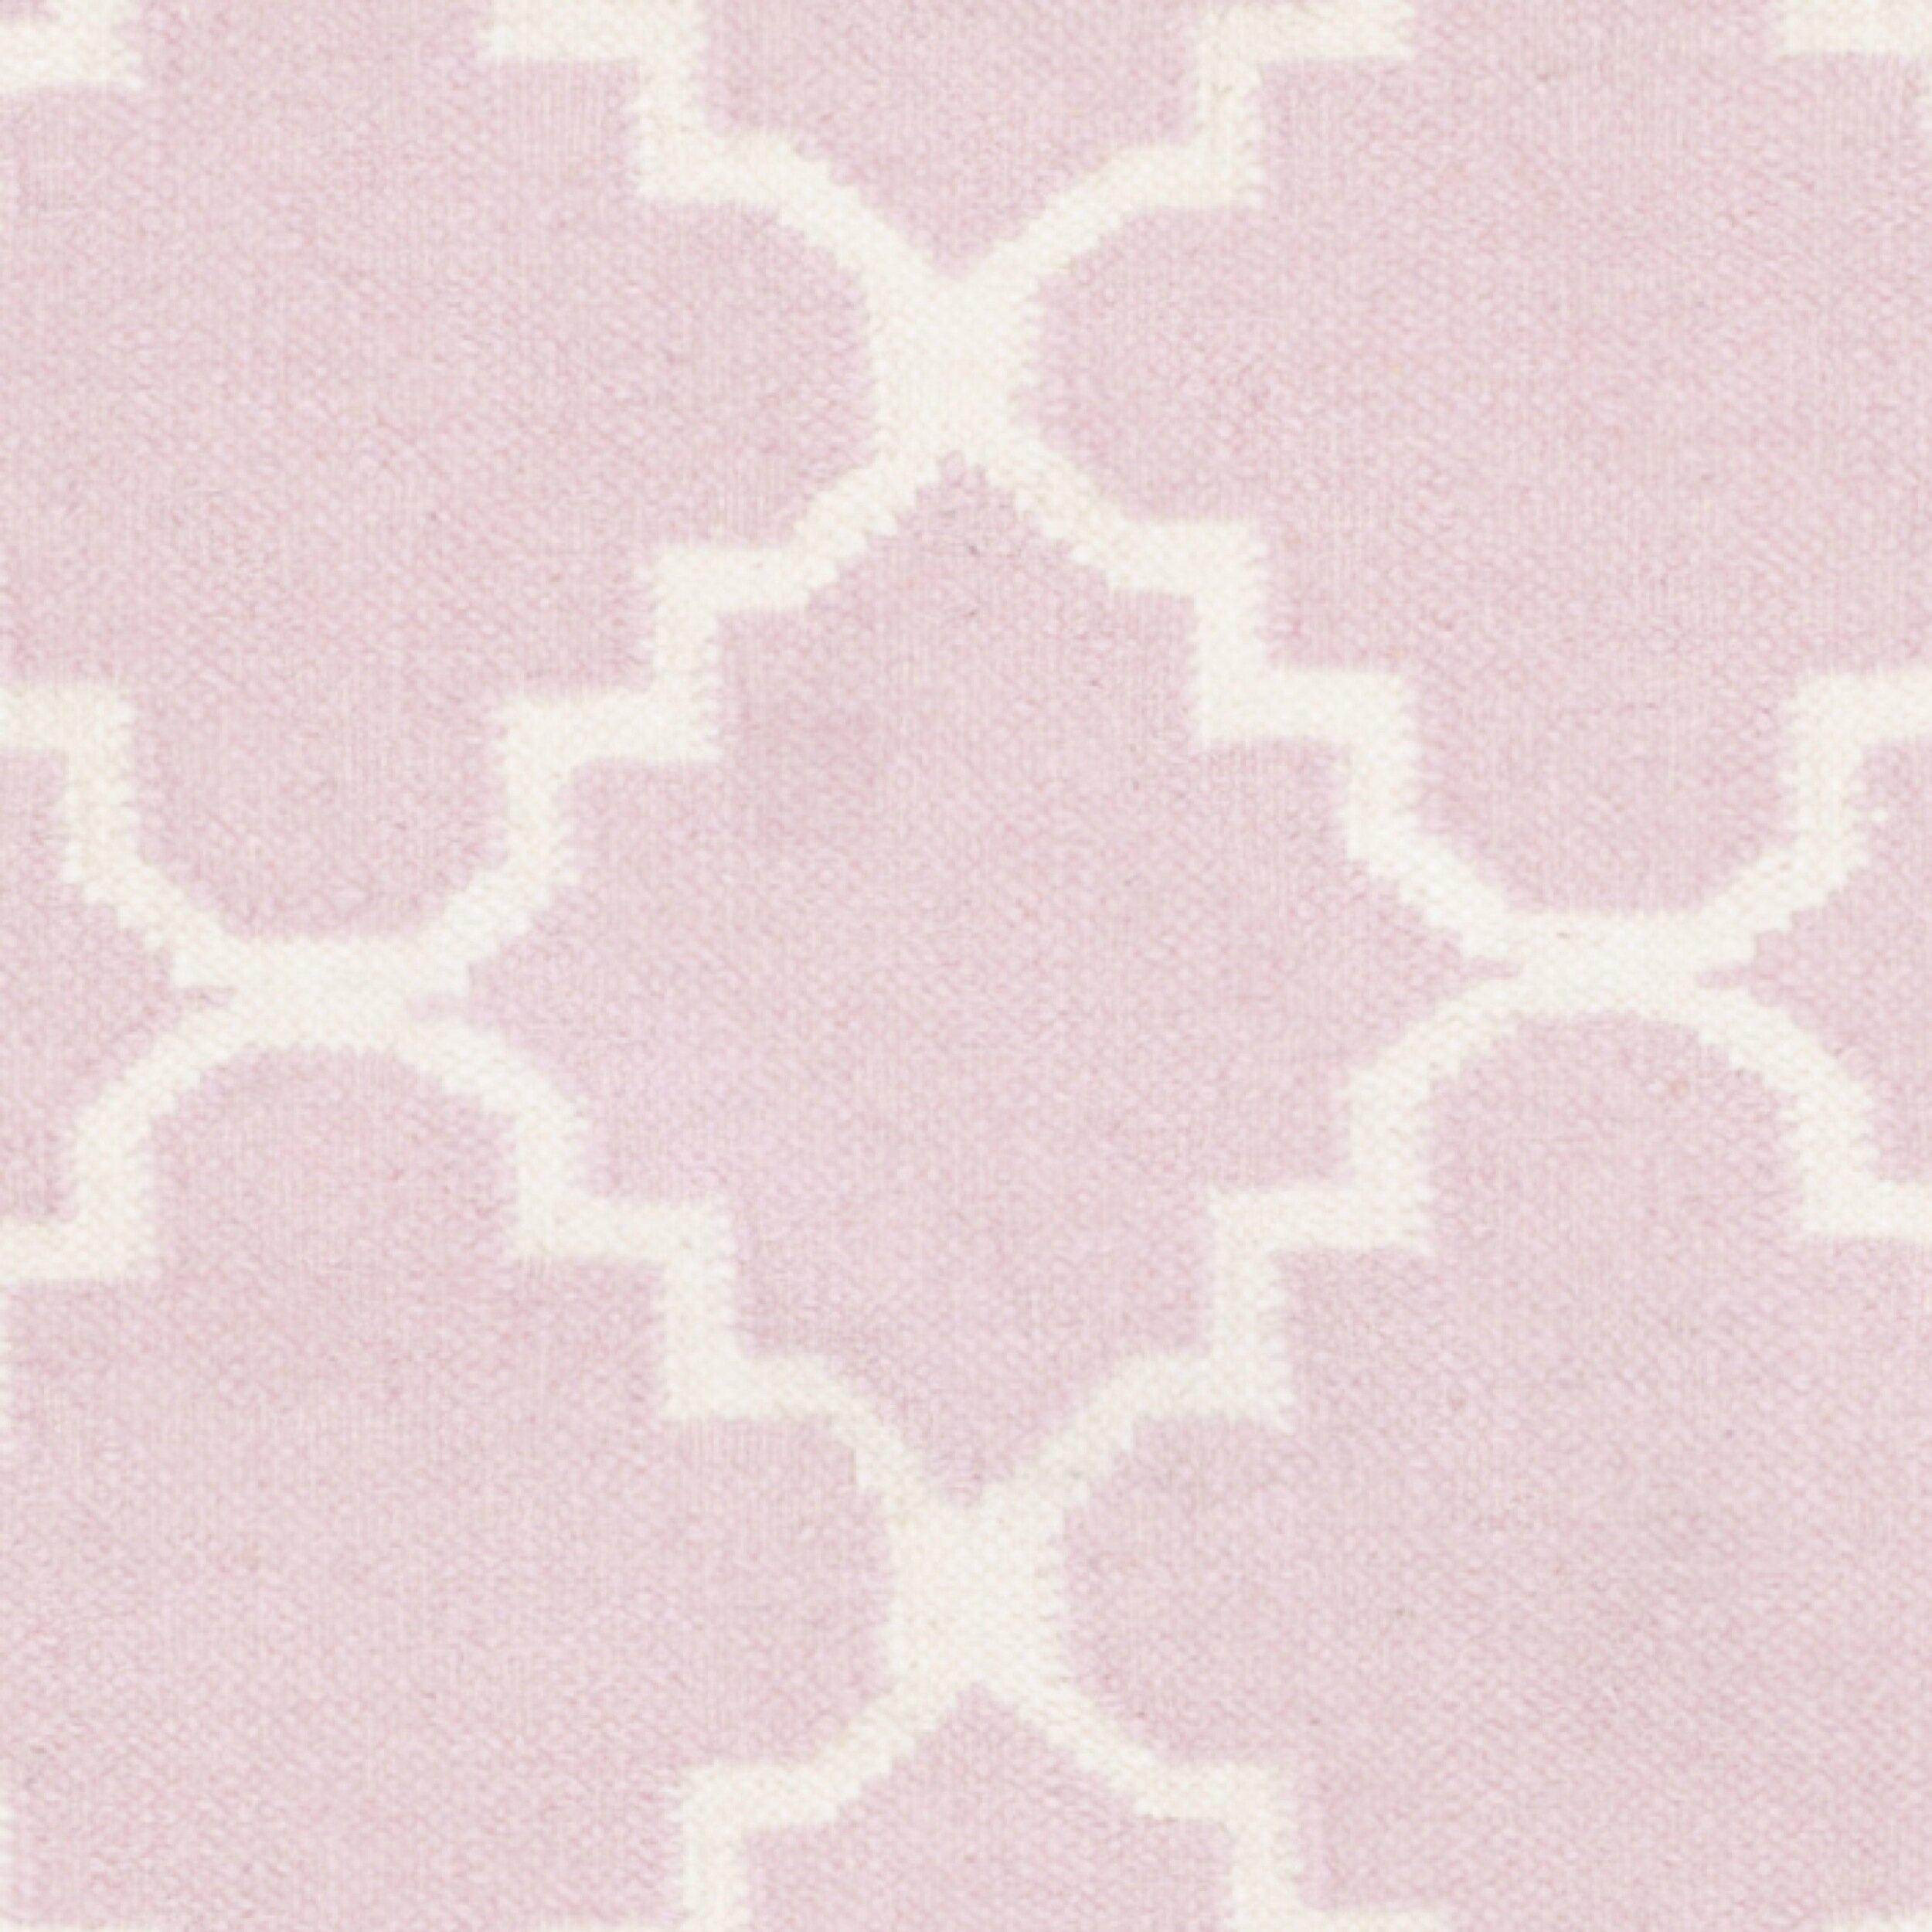 Safavieh Dhurries Pink/Ivory Area Rug & Reviews